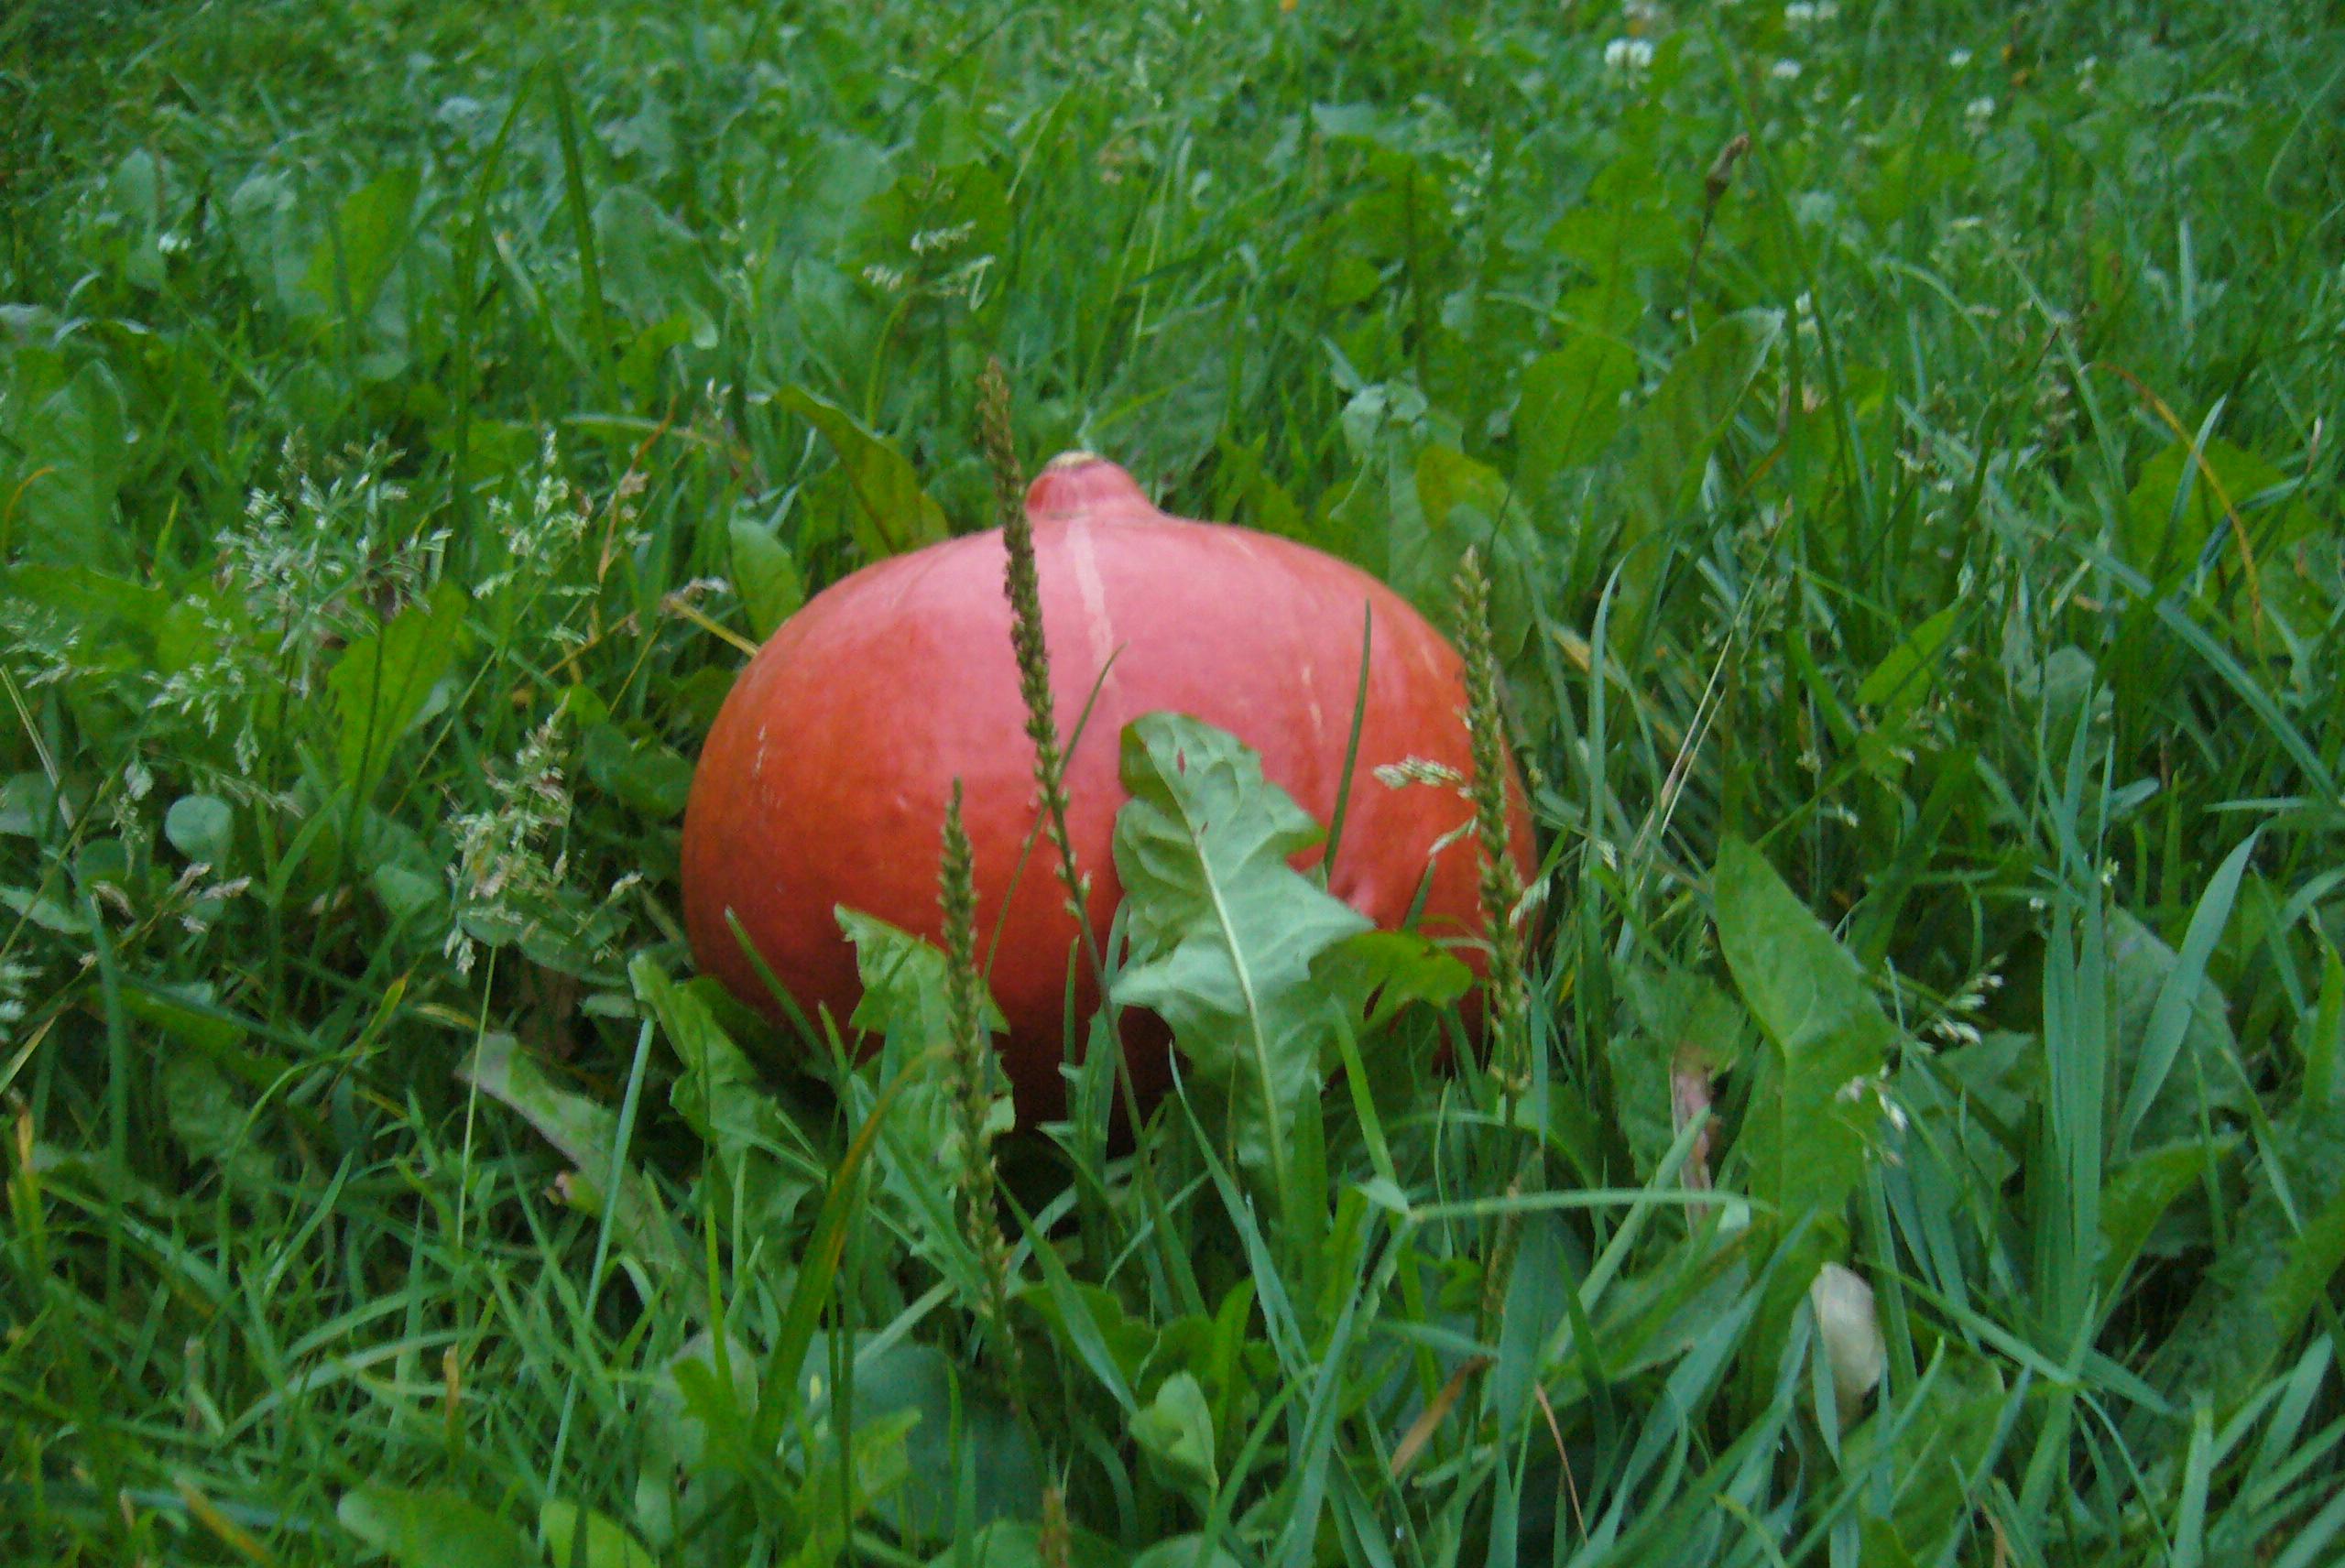 И форма у нее забавная осень